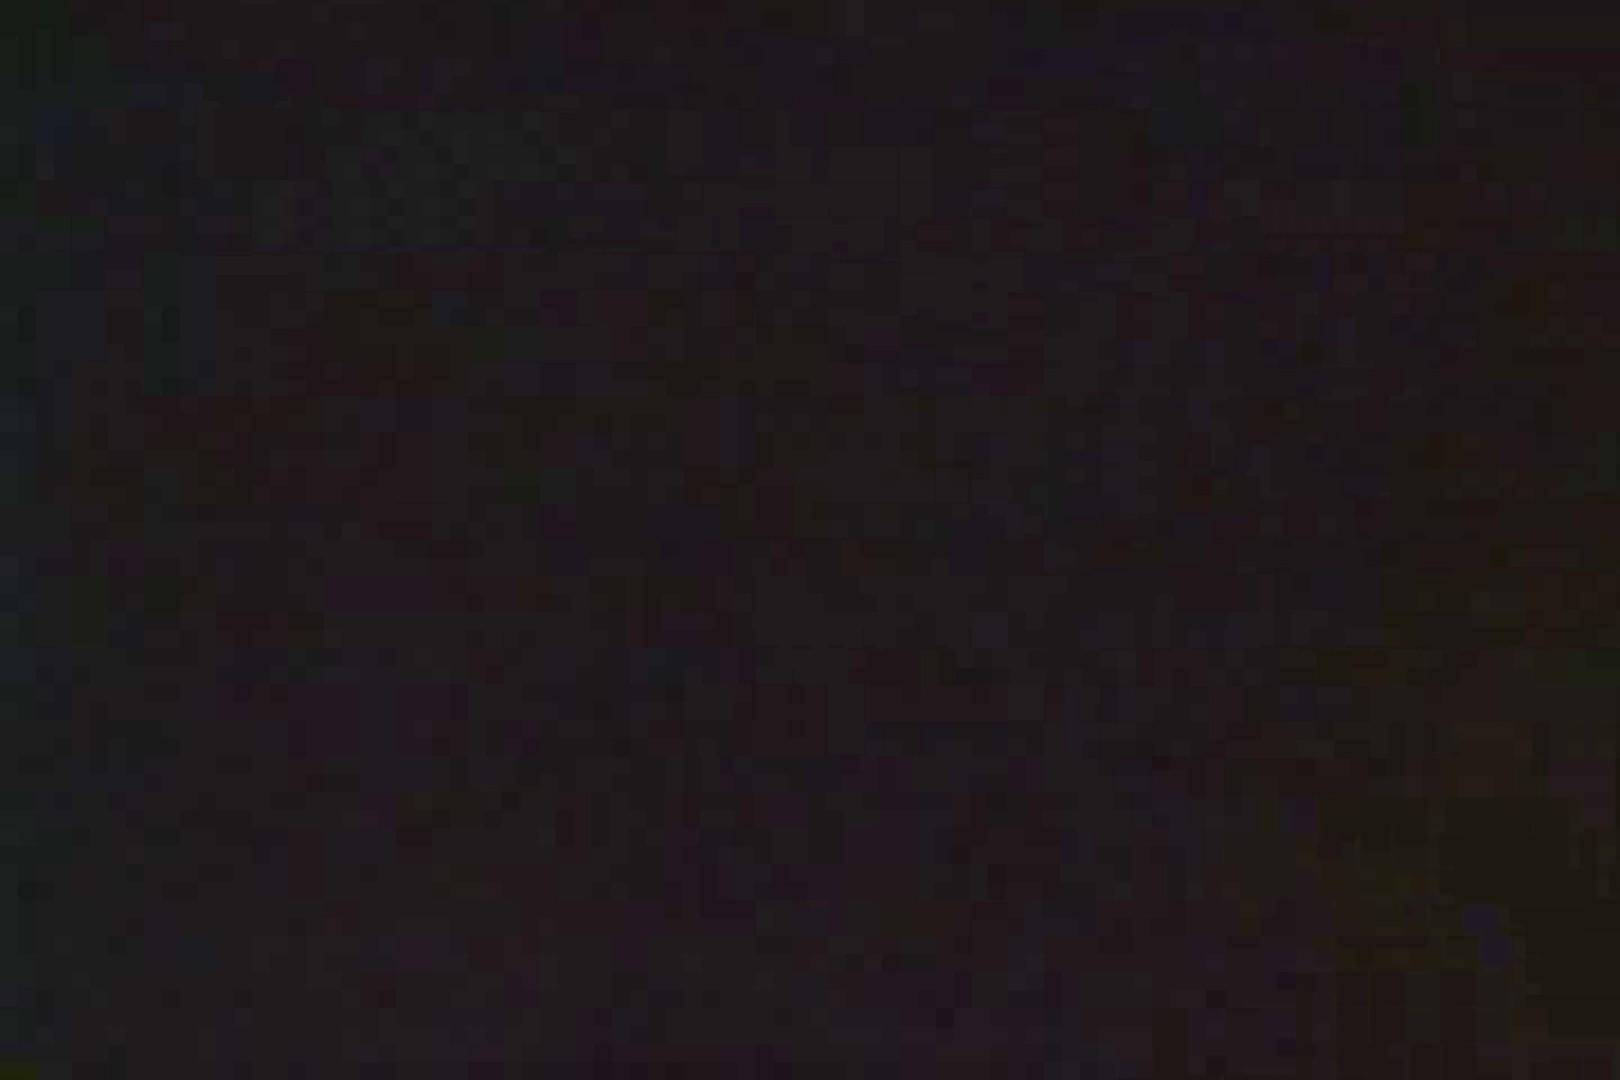 「ちくりん」さんのオリジナル未編集パンチラVol.1_01 パンチラのぞき セックス無修正動画無料 95画像 74